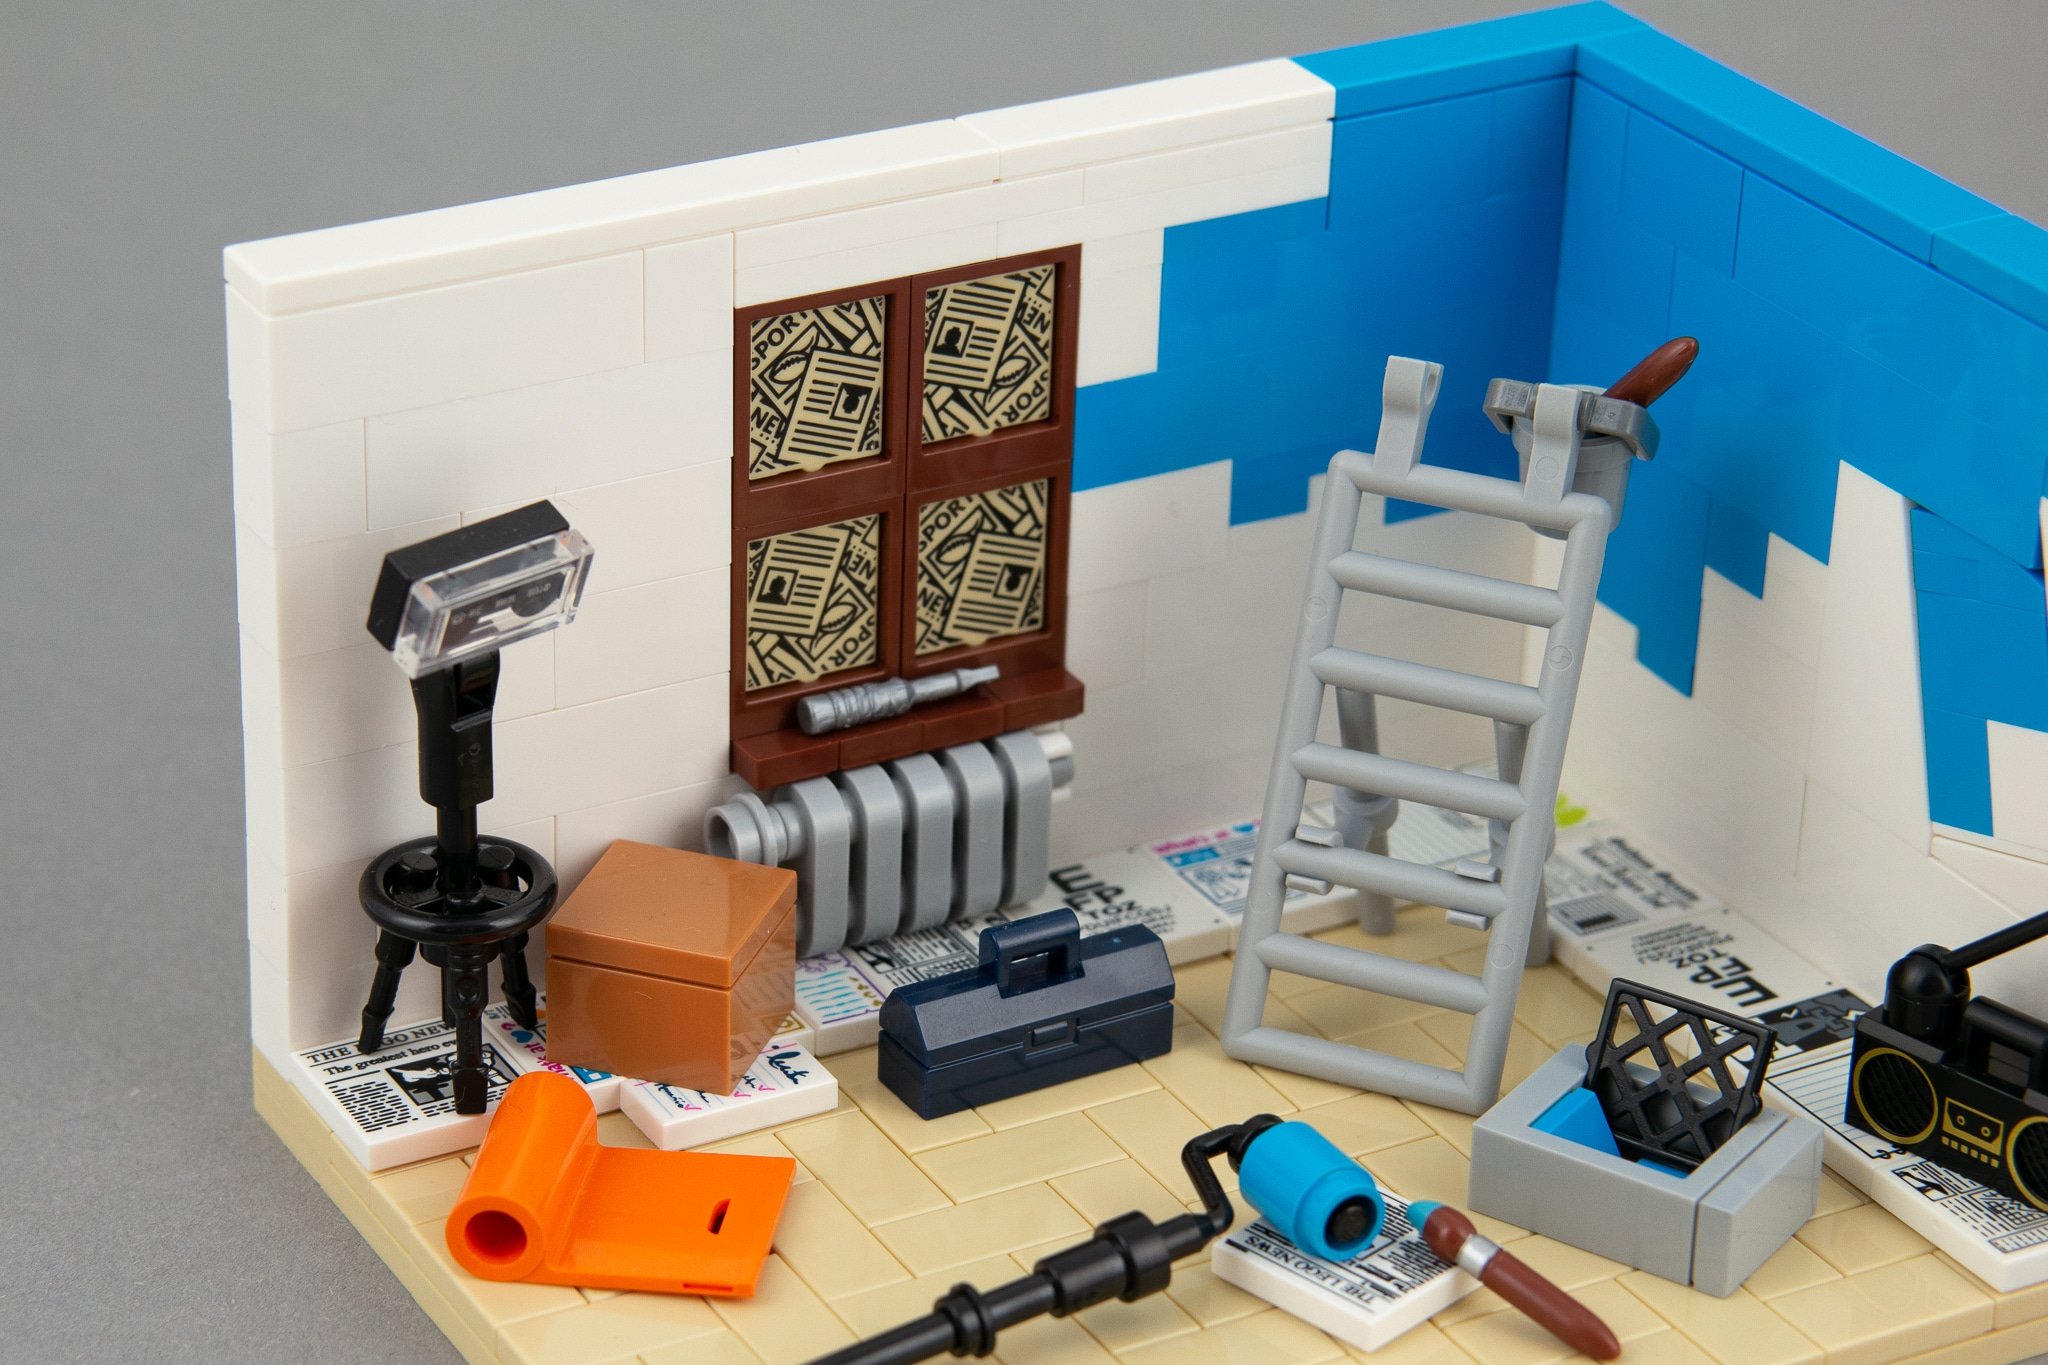 LEGO Renovierung Moc (5)